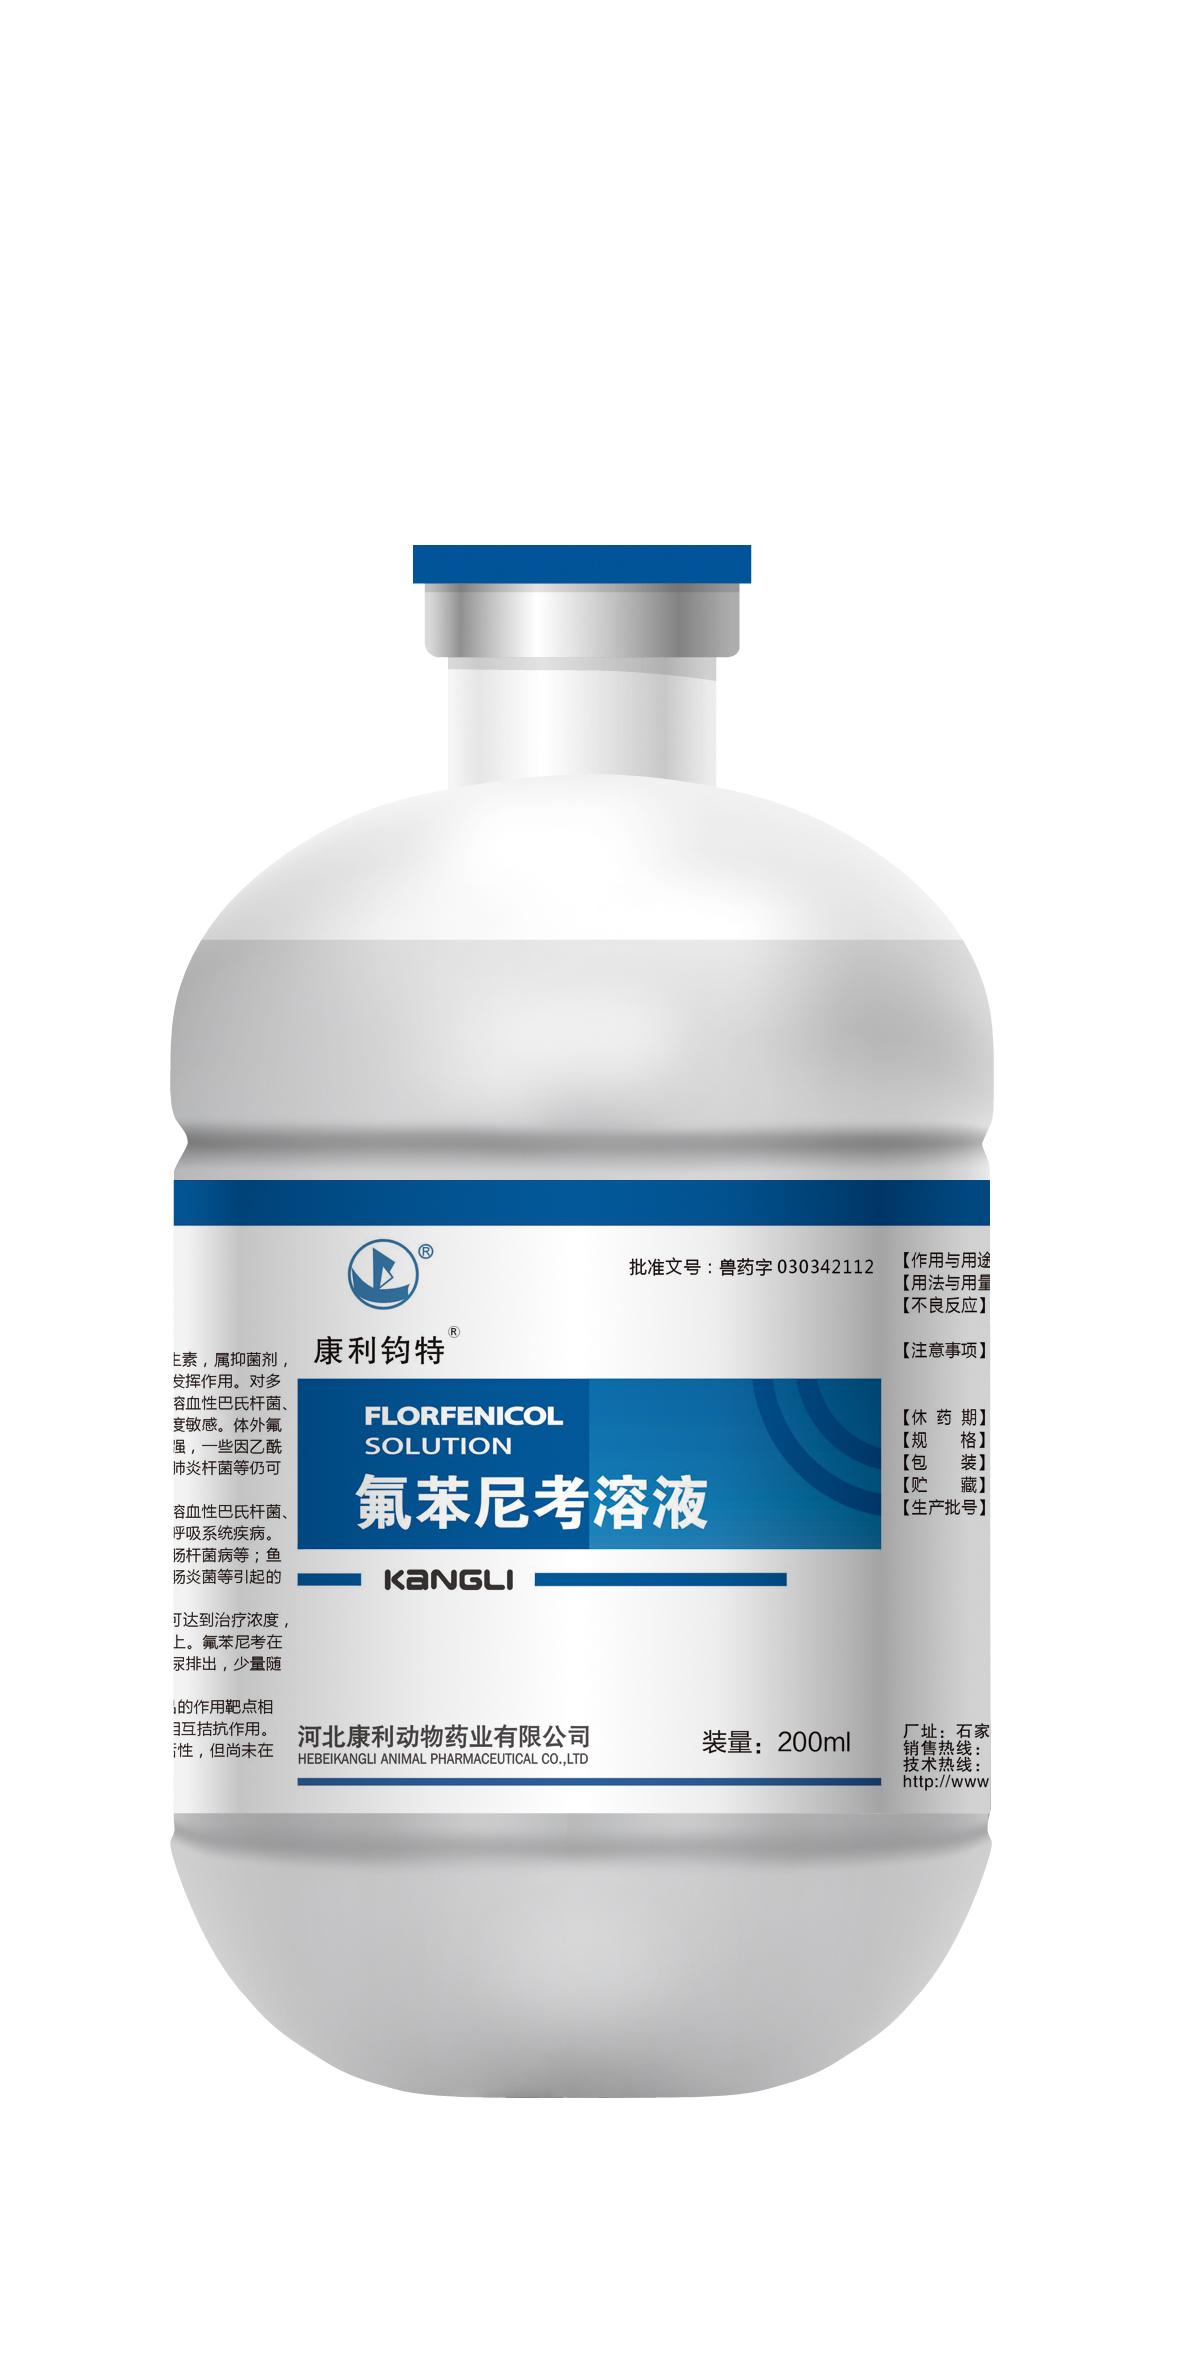 康利钧特-氟苯尼考溶液